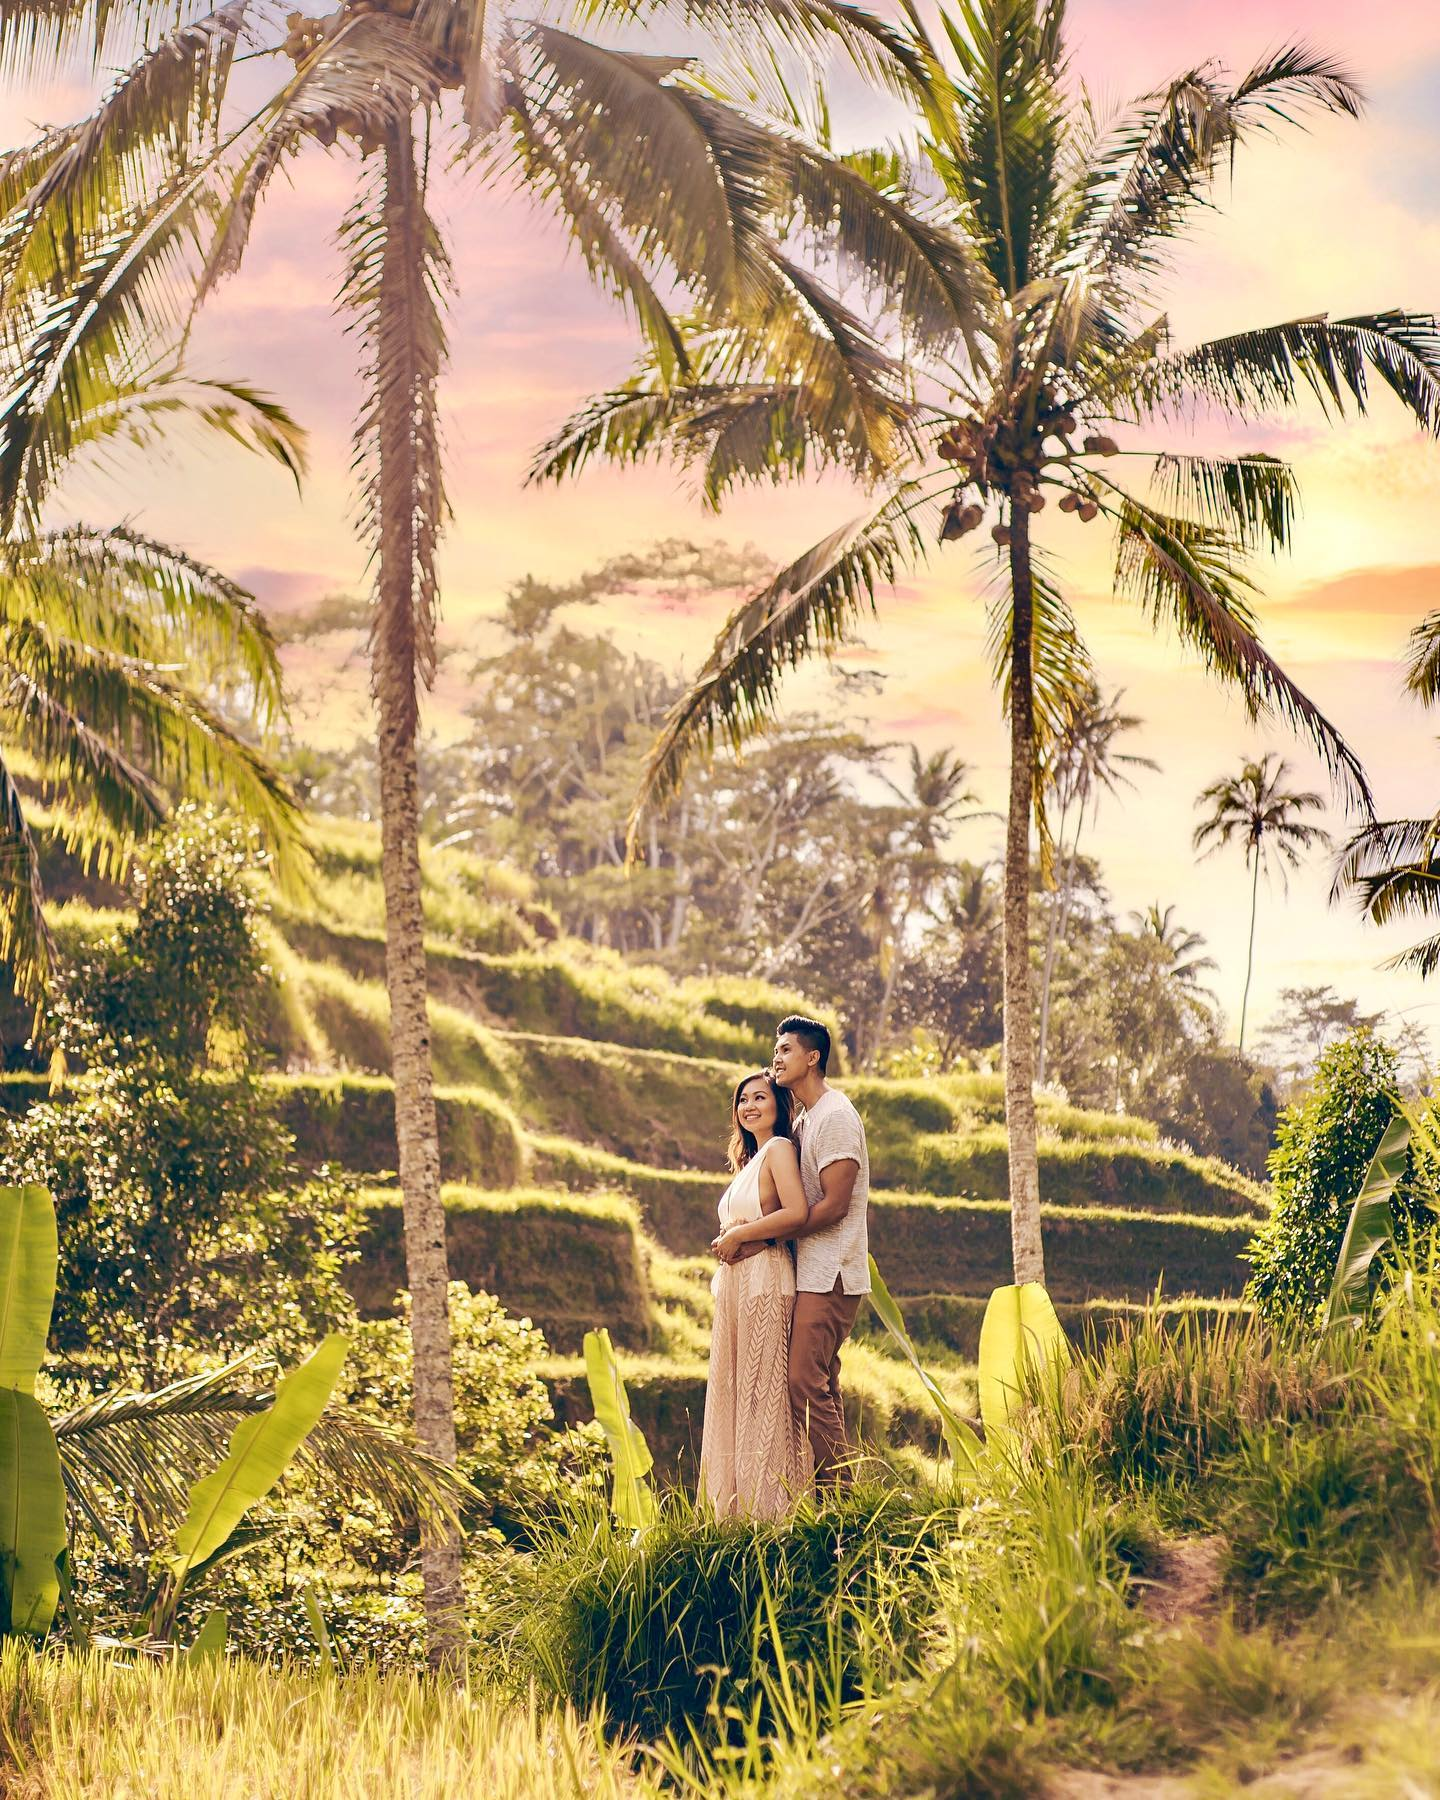 Pre-Wedding Photo Shoot at Tegalalang Rice Terraces